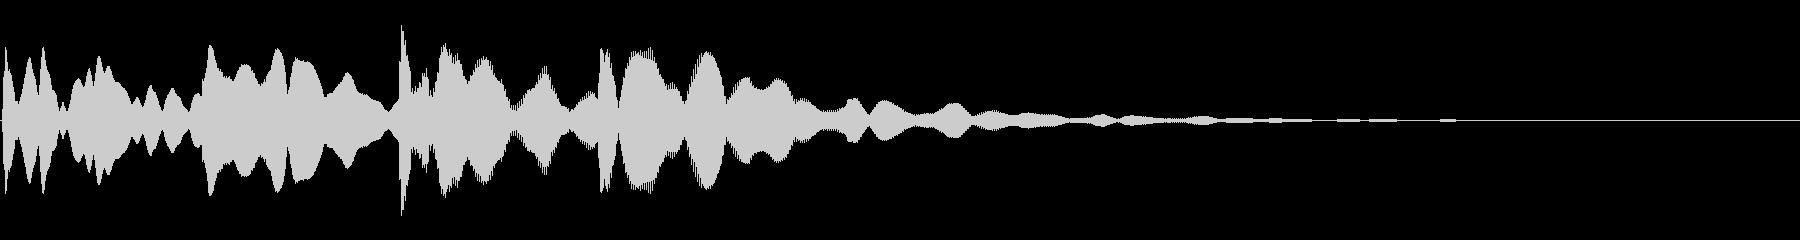 ピンポンパンポン03-4(バイノーラル)の未再生の波形